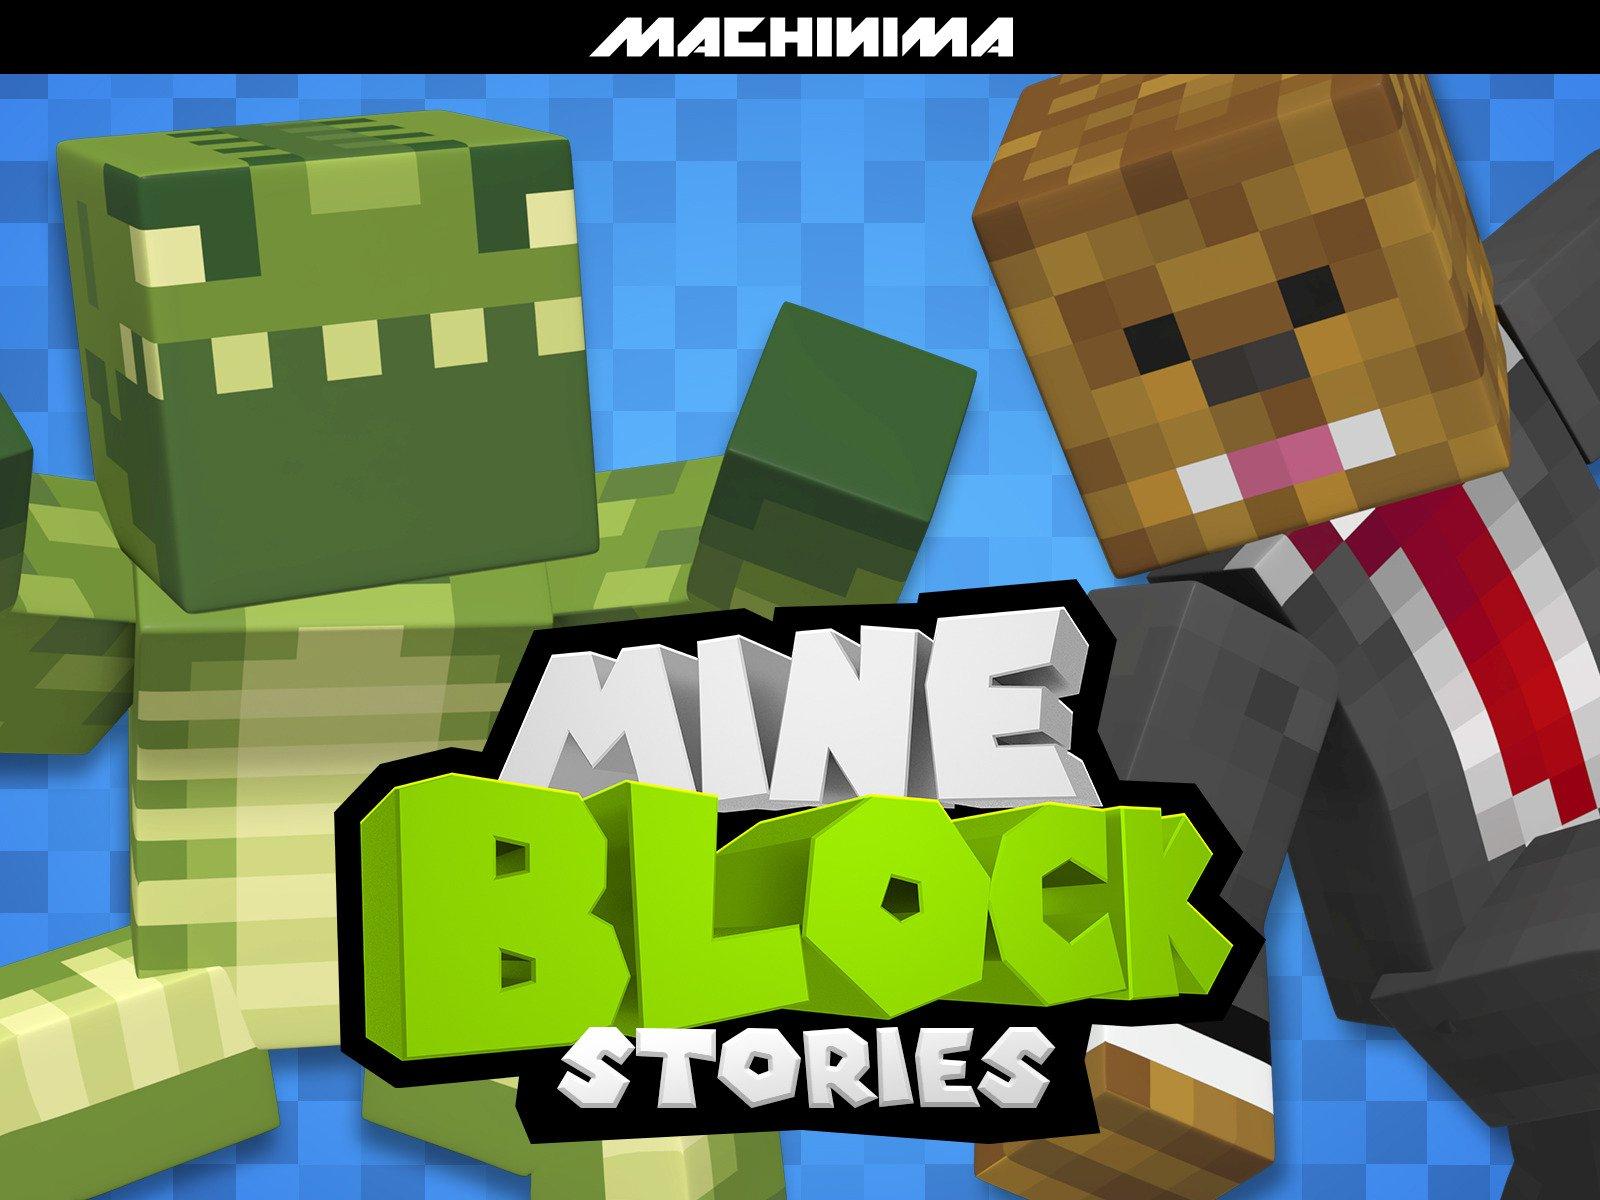 Clip: Mineblock:Stories - Season 8